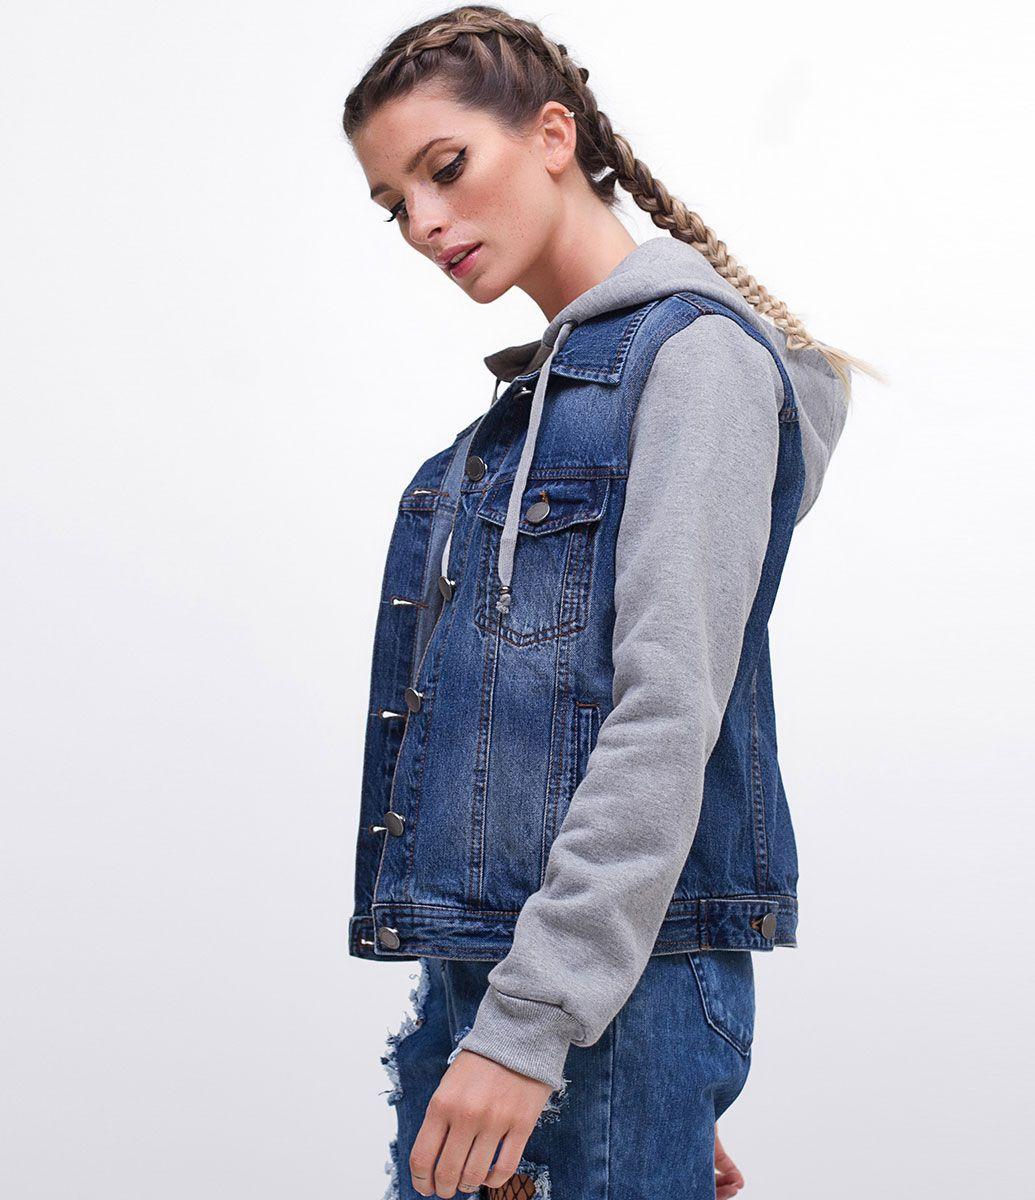 a26c0c65819 Jaqueta feminina Com mangas em moletom Com capuz em moletom Marca  Blue  Steel Tecido  jeans Composição  100% algodão Modelo veste tamanho  P  Medidas da ...